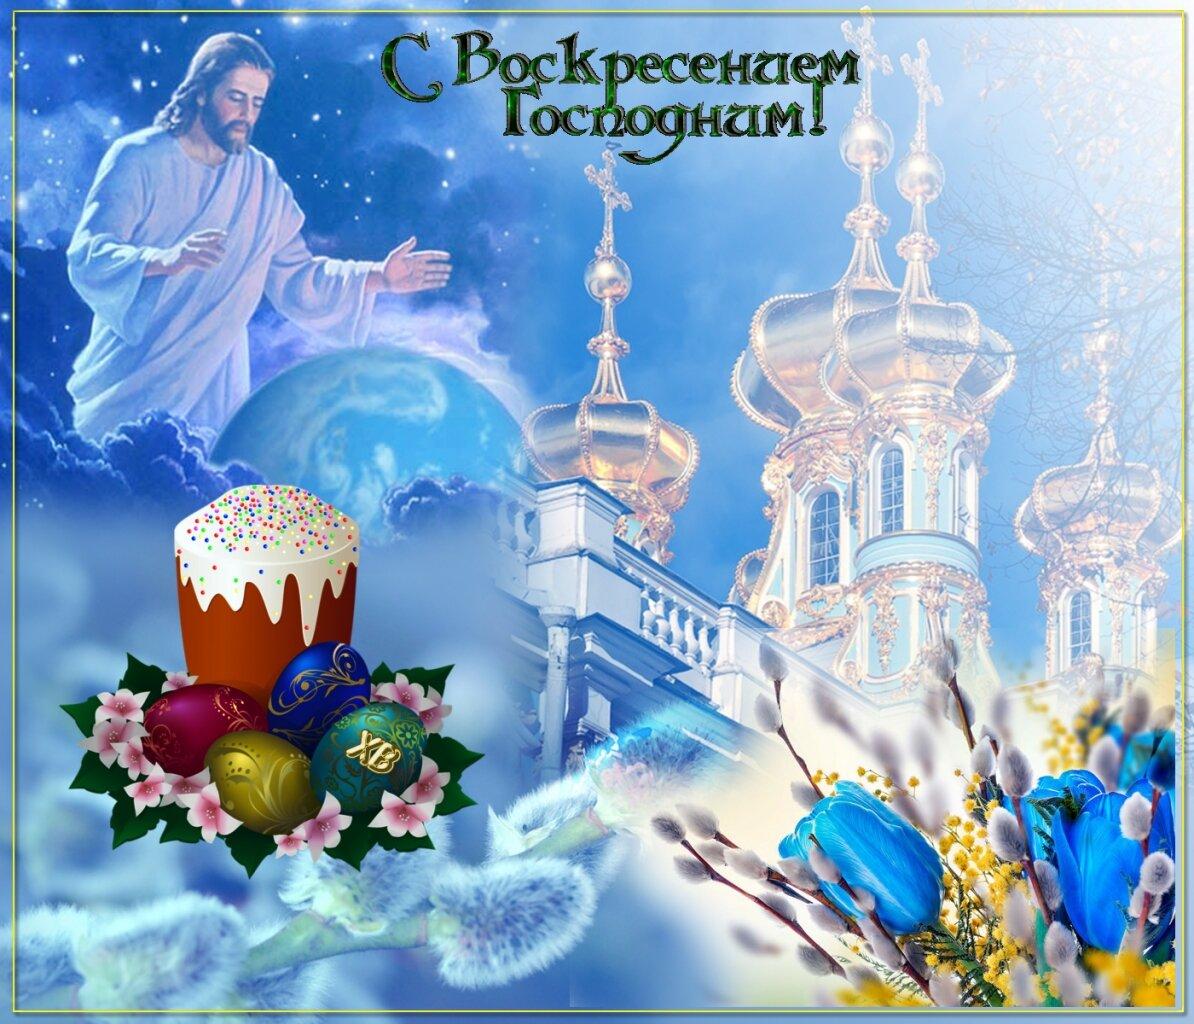 Поздравления с воскресением господним в картинках